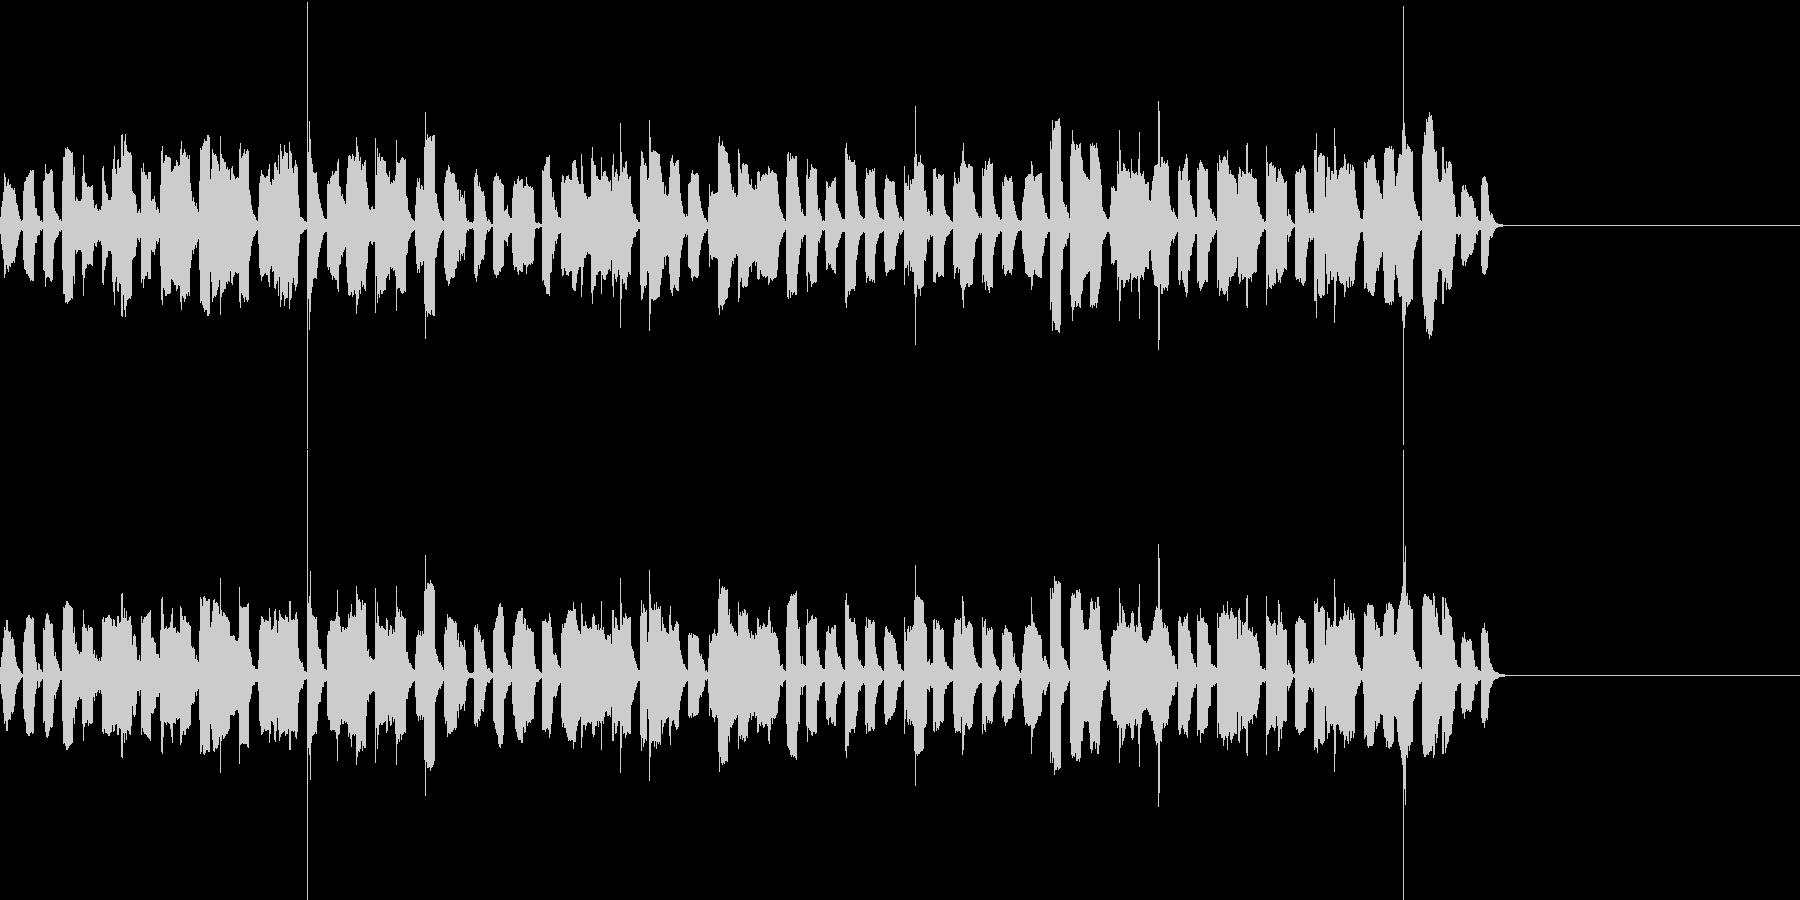 ロボットピポパポ02の未再生の波形